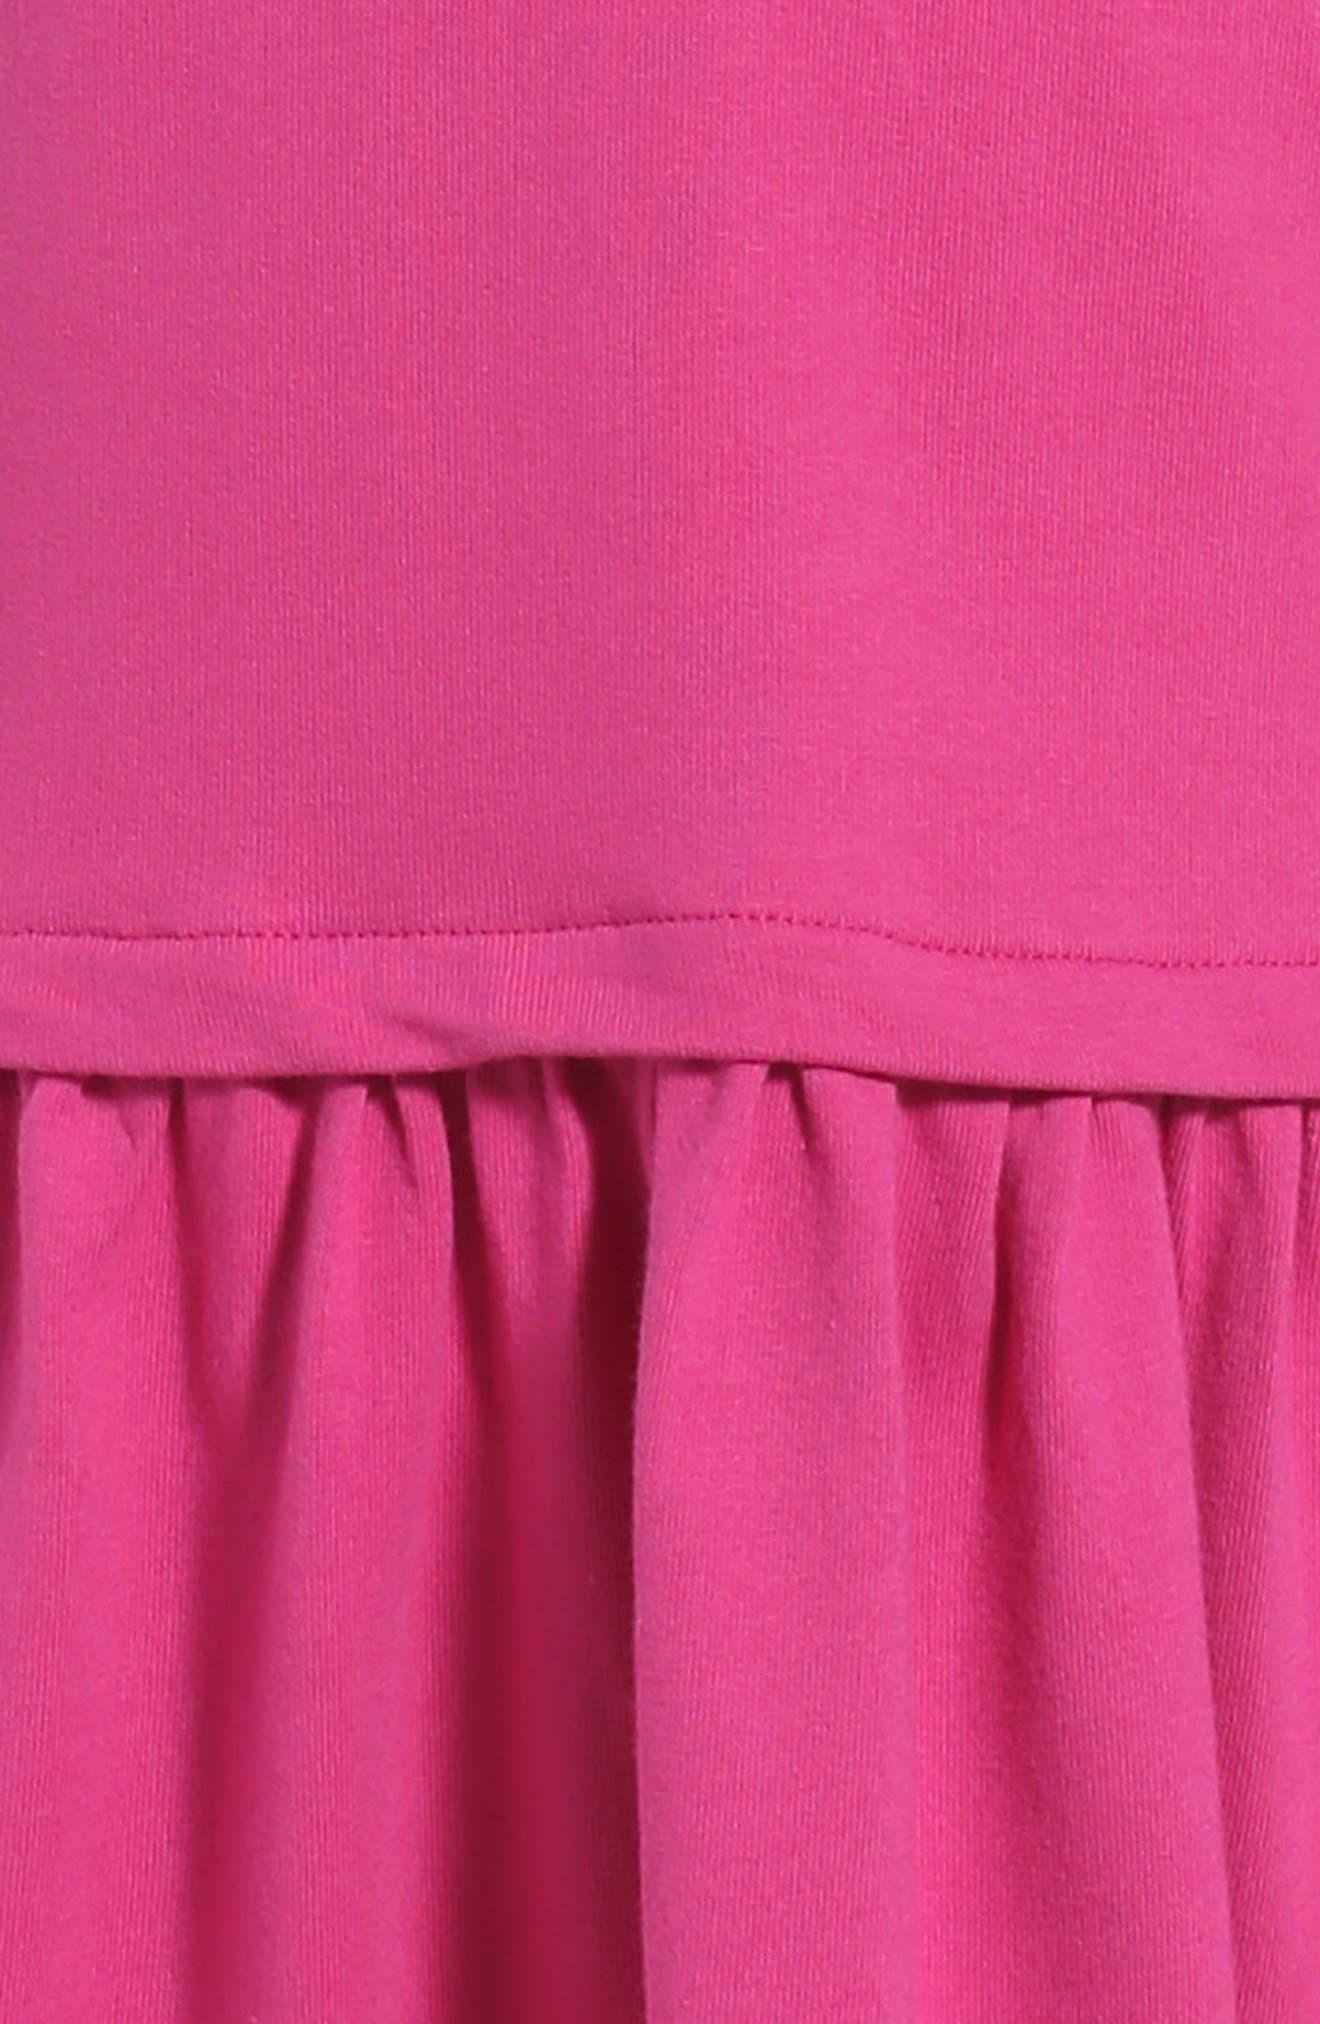 Alternate Image 3  - Tea Collection Solid Pocket Dress (Toddler Girls, Little Girls & Big Girls)